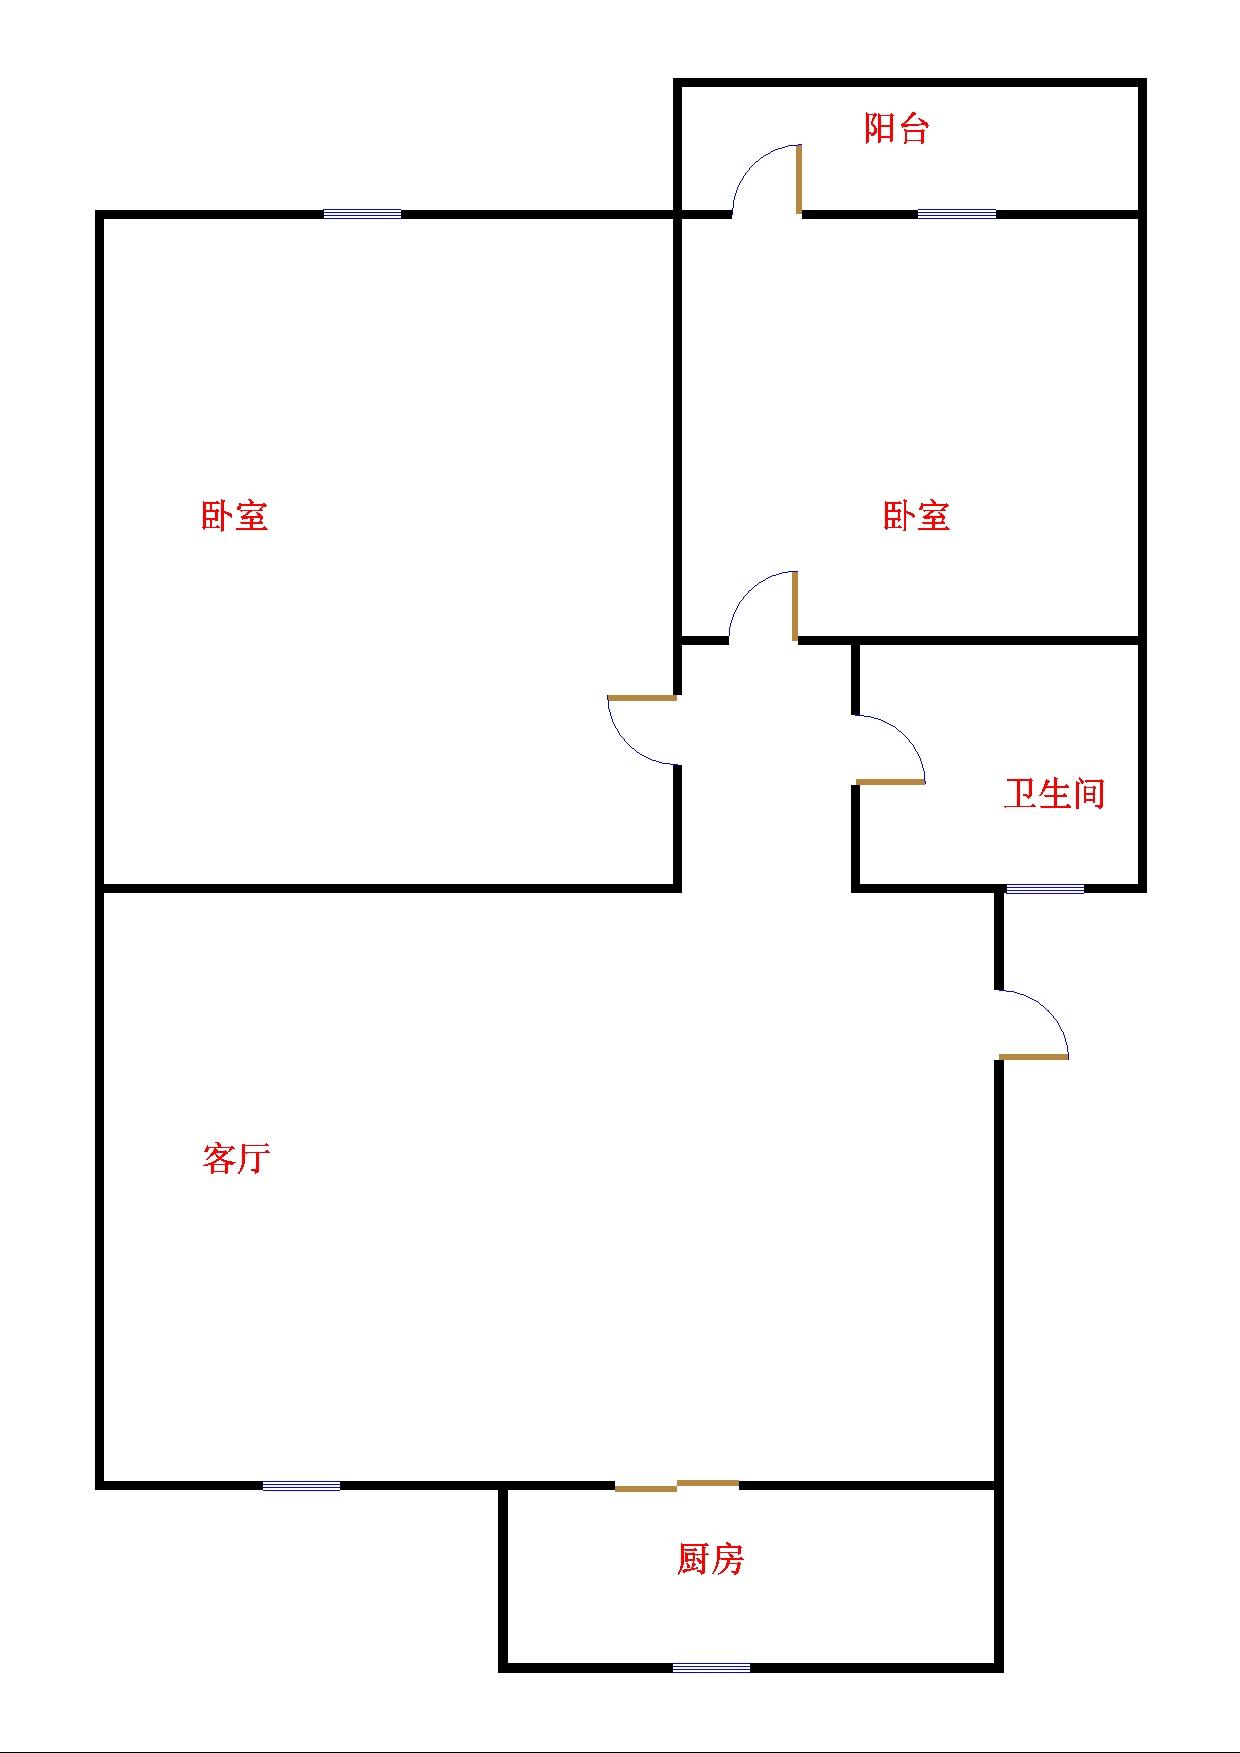 嘉诚尚东 3室2厅  精装 130万